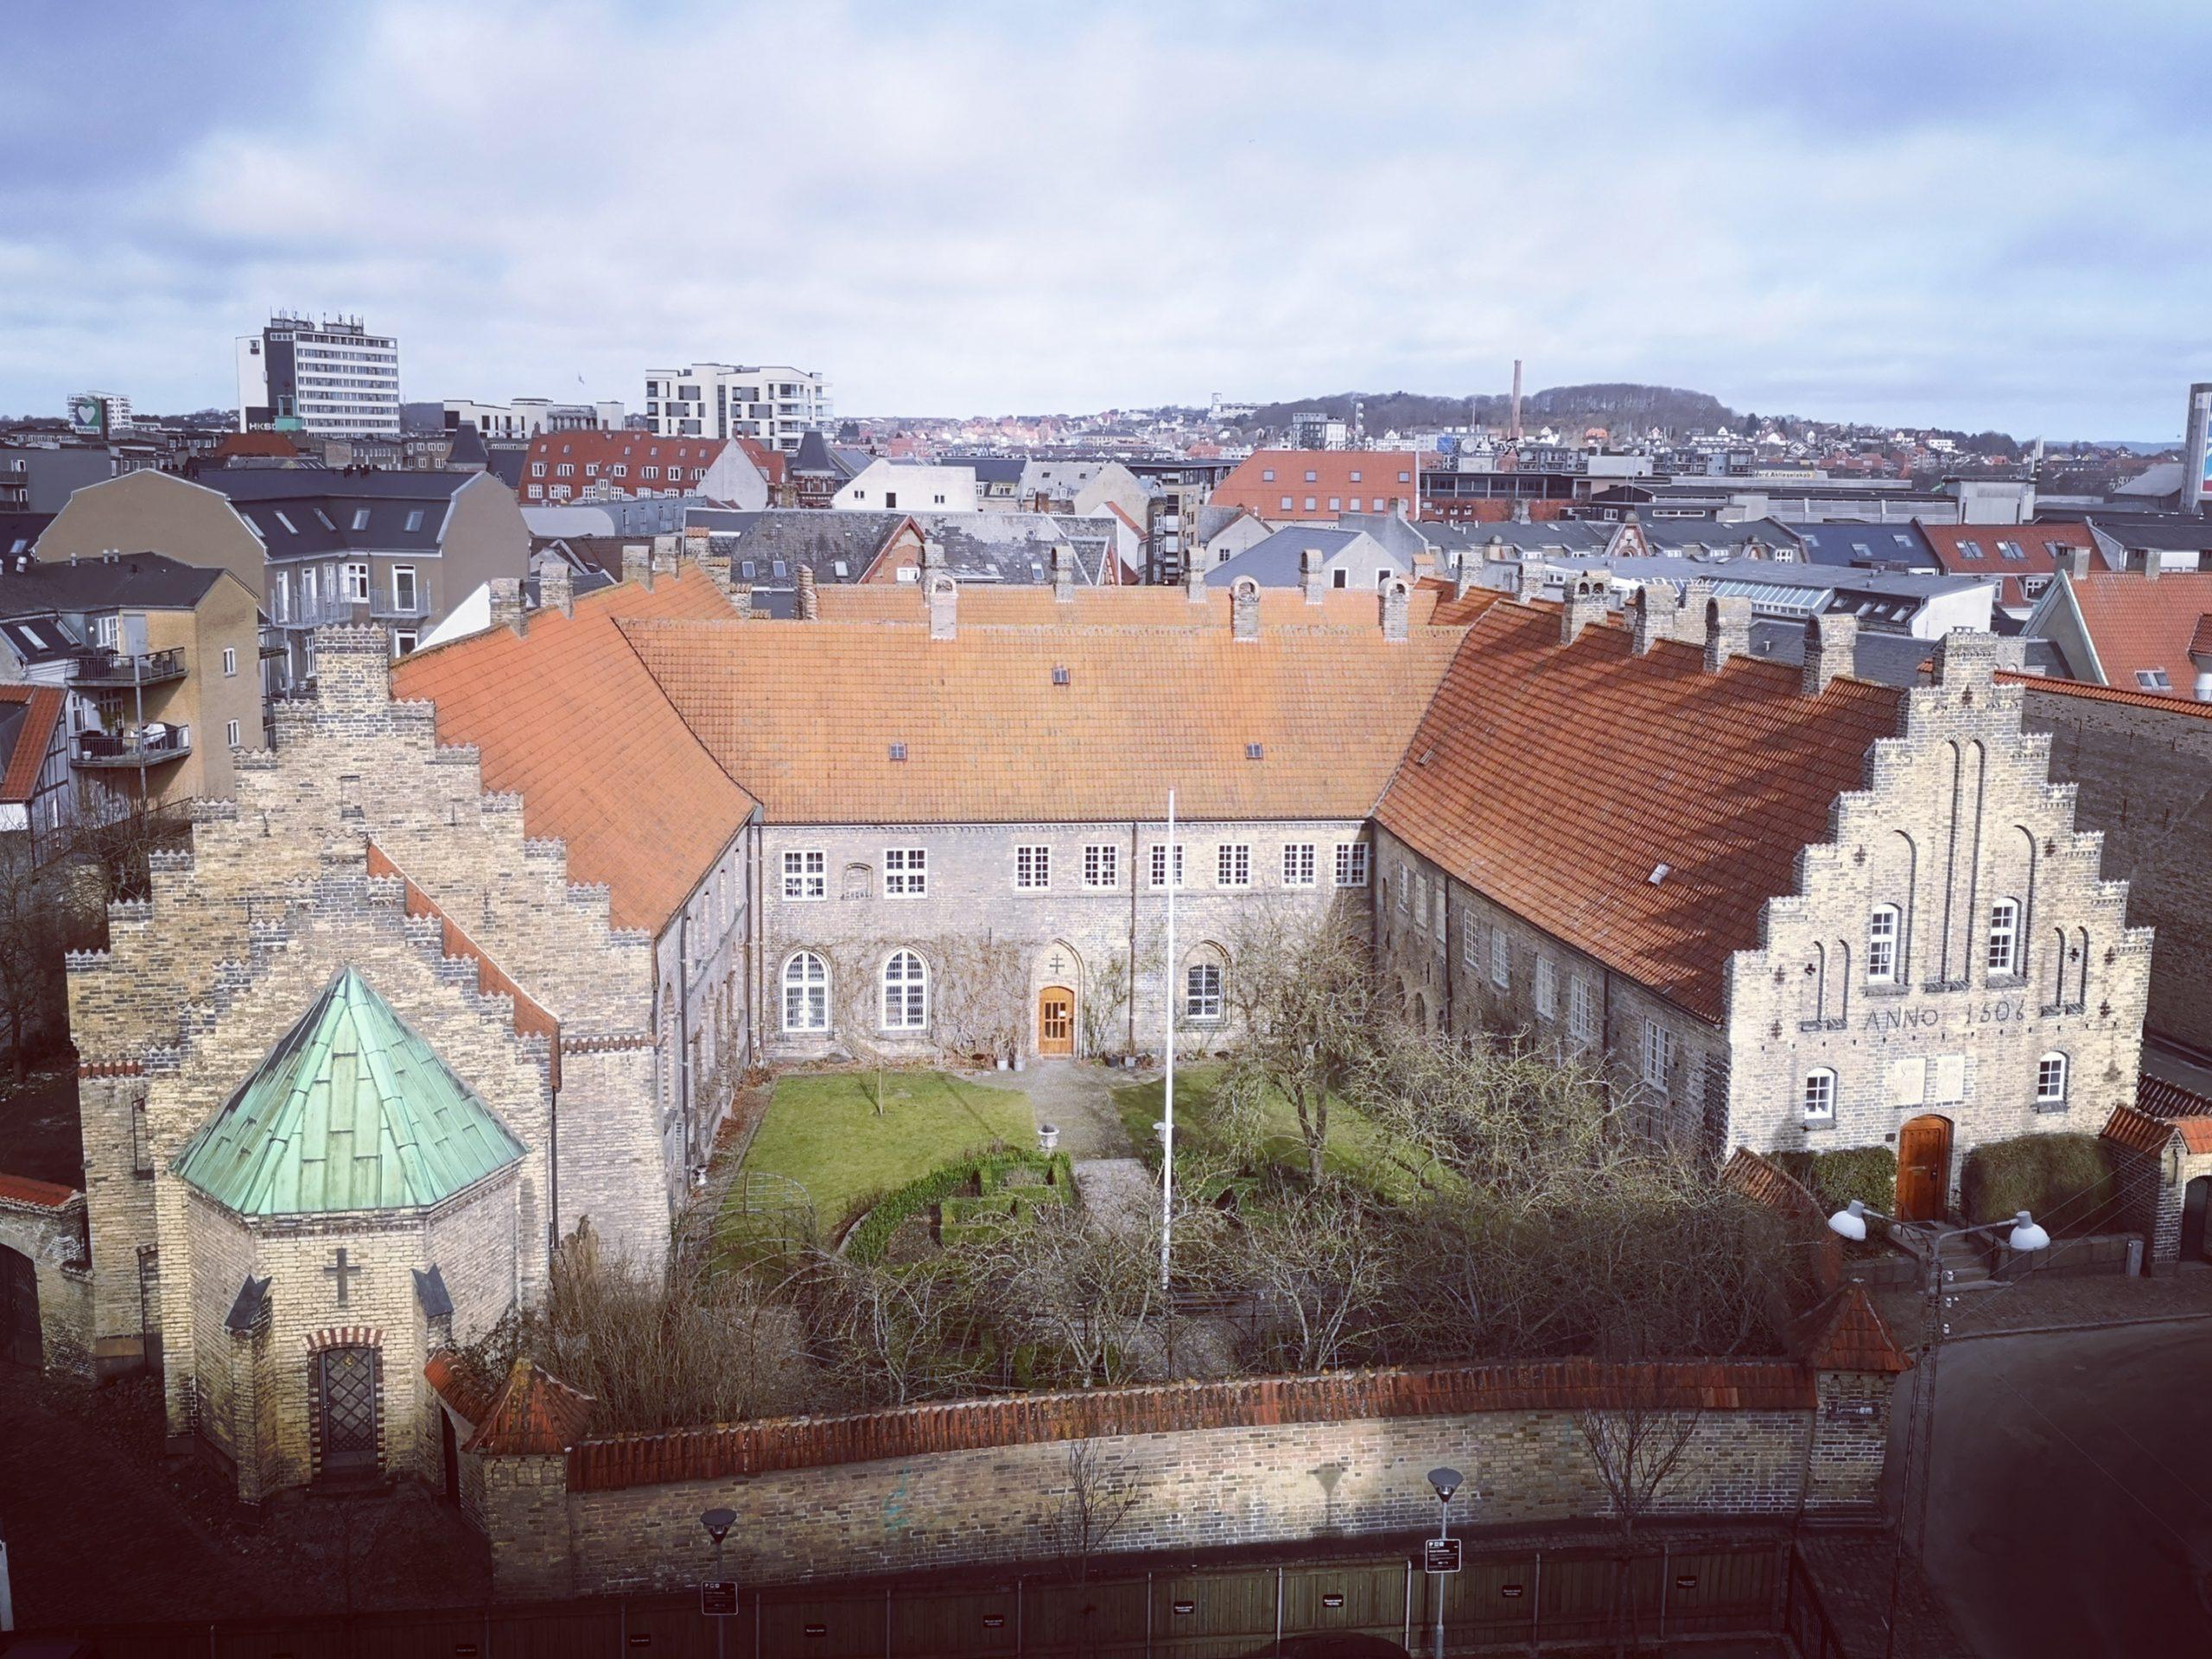 Uhyggelig efterårsferie: Aalborg Historiske Museum lokker med spændende events